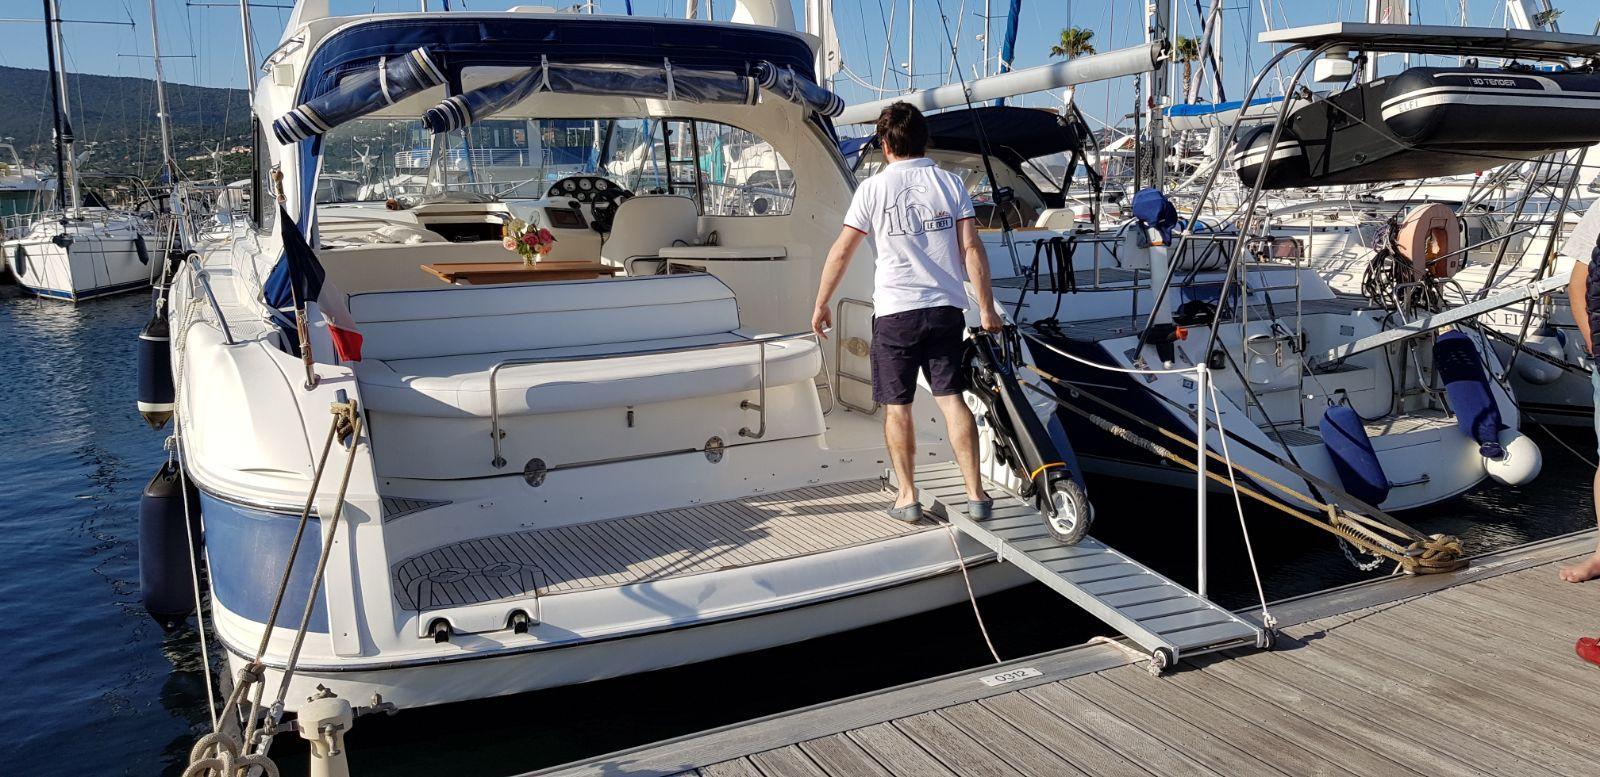 Boat 4